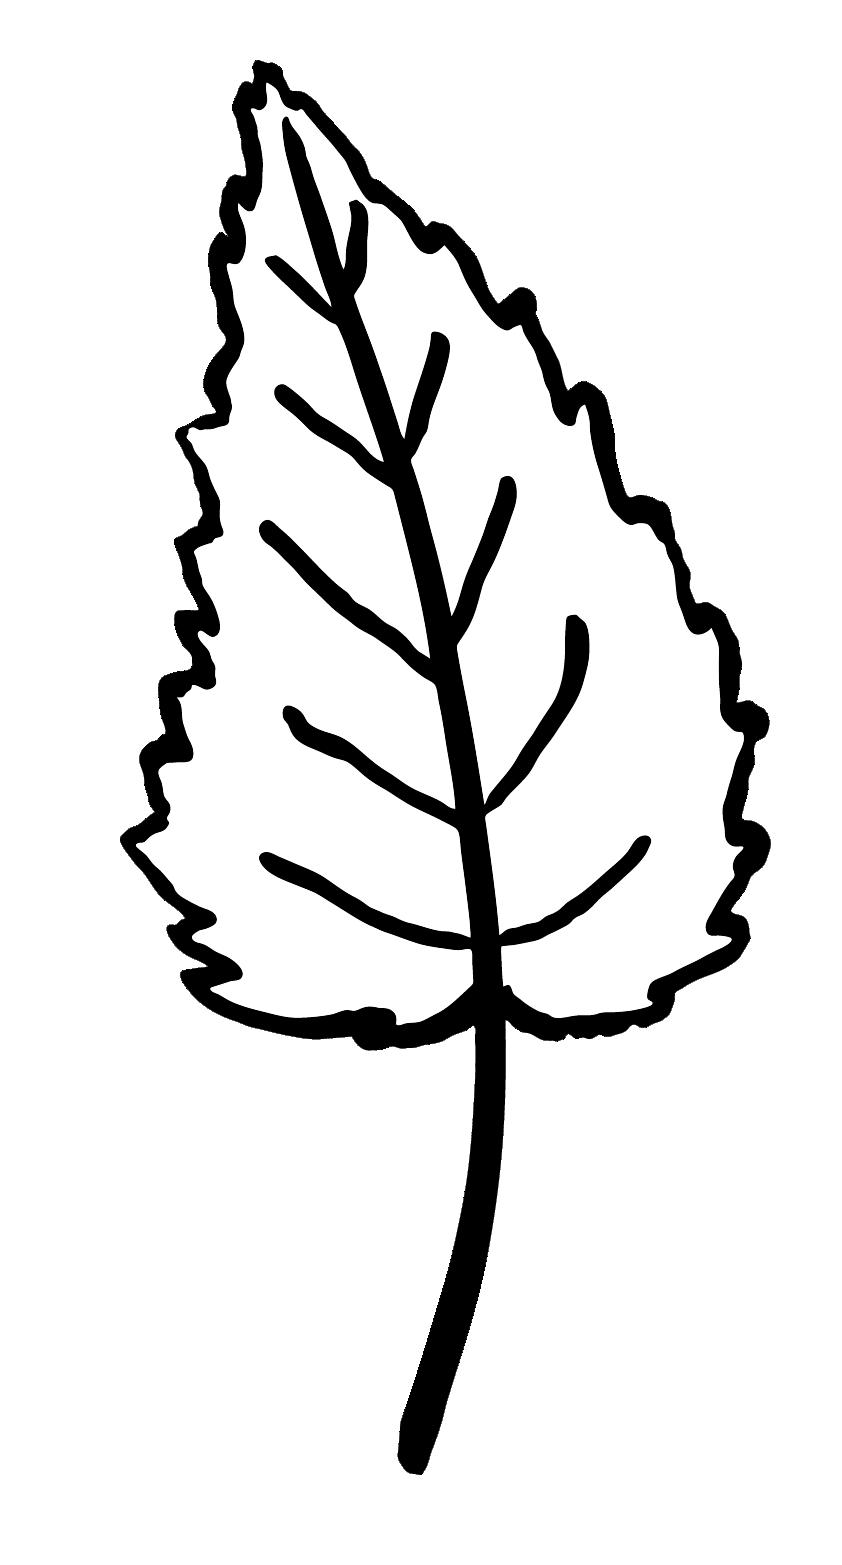 leaf detail - uneven heart shape, serrated edges